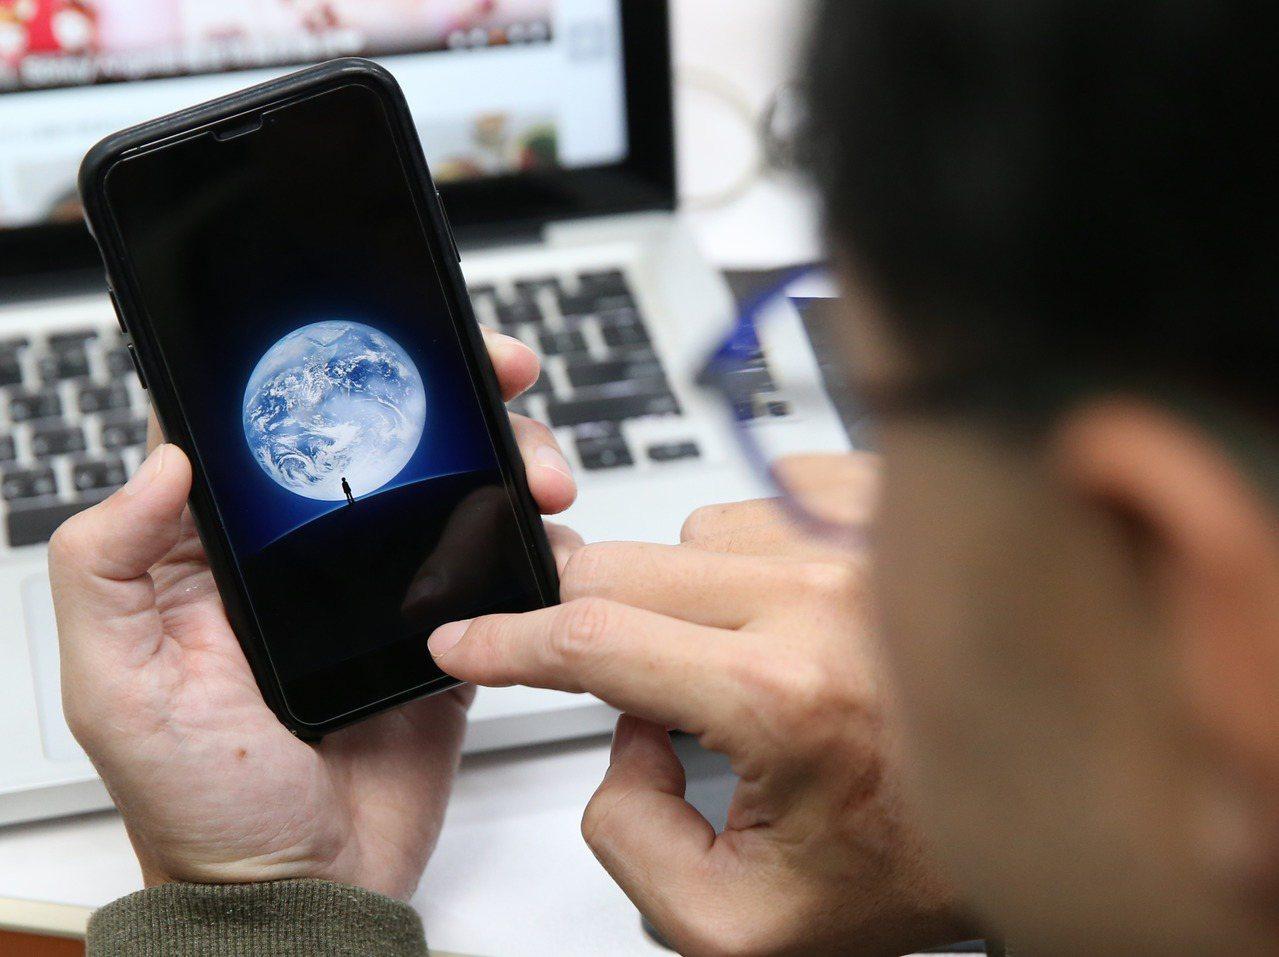 政府機關公務手機將全面禁用大陸通訊軟體。記者許正宏/攝影